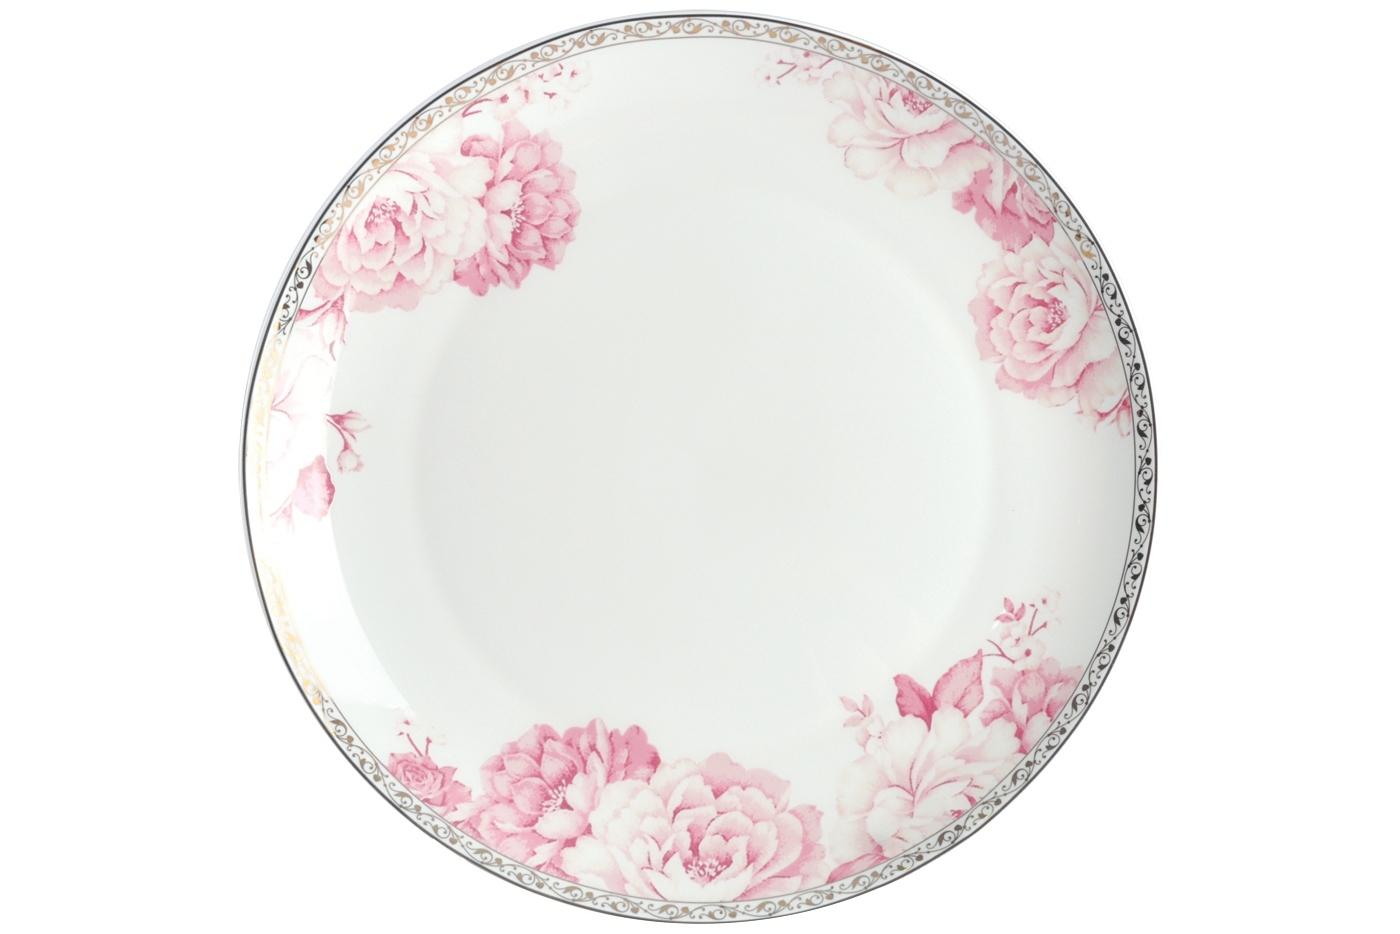 Набор из 6 тарелок Royal Aurel Пион (25см) арт.628Наборы тарелок<br>Набор из 6 тарелок Royal Aurel Пион (25см) арт.628<br>Производить посуду из фарфора начали в Китае на стыке 6-7 веков. Неустанно совершенствуя и селективно отбирая сырье для производства посуды из фарфора, мастерам удалось добиться выдающихся характеристик фарфора: белизны и тонкостенности. В XV веке появился особый интерес к китайской фарфоровой посуде, так как в это время Европе возникла мода на самобытные китайские вещи. Роскошный китайский фарфор являлся изыском и был в новинку, поэтому он выступал в качестве подарка королям, а также знатным людям. Такой дорогой подарок был очень престижен и по праву являлся элитной посудой. Как известно из многочисленных исторических документов, в Европе китайские изделия из фарфора ценились практически как золото. <br>Проверка изделий из костяного фарфора на подлинность <br>По сравнению с производством других видов фарфора процесс производства изделий из настоящего костяного фарфора сложен и весьма длителен. Посуда из изящного фарфора - это элитная посуда, которая всегда ассоциируется с богатством, величием и благородством. Несмотря на небольшую толщину, фарфоровая посуда - это очень прочное изделие. Для демонстрации плотности и прочности фарфора можно легко коснуться предметов посуды из фарфора деревянной палочкой, и тогда мы услушим характерный металлический звон. В составе фарфоровой посуды присутствует костяная зола, благодаря чему она может быть намного тоньше (не более 2,5 мм) и легче твердого или мягкого фарфора. Безупречная белизна - ключевой признак отличия такого фарфора от других. Цвет обычного фарфора сероватый или ближе к голубоватому, а костяной фарфор будет всегда будет молочно-белого цвета. Характерная и немаловажная деталь - это невесомая прозрачность изделий из фарфора такая, что сквозь него проходит свет.<br>